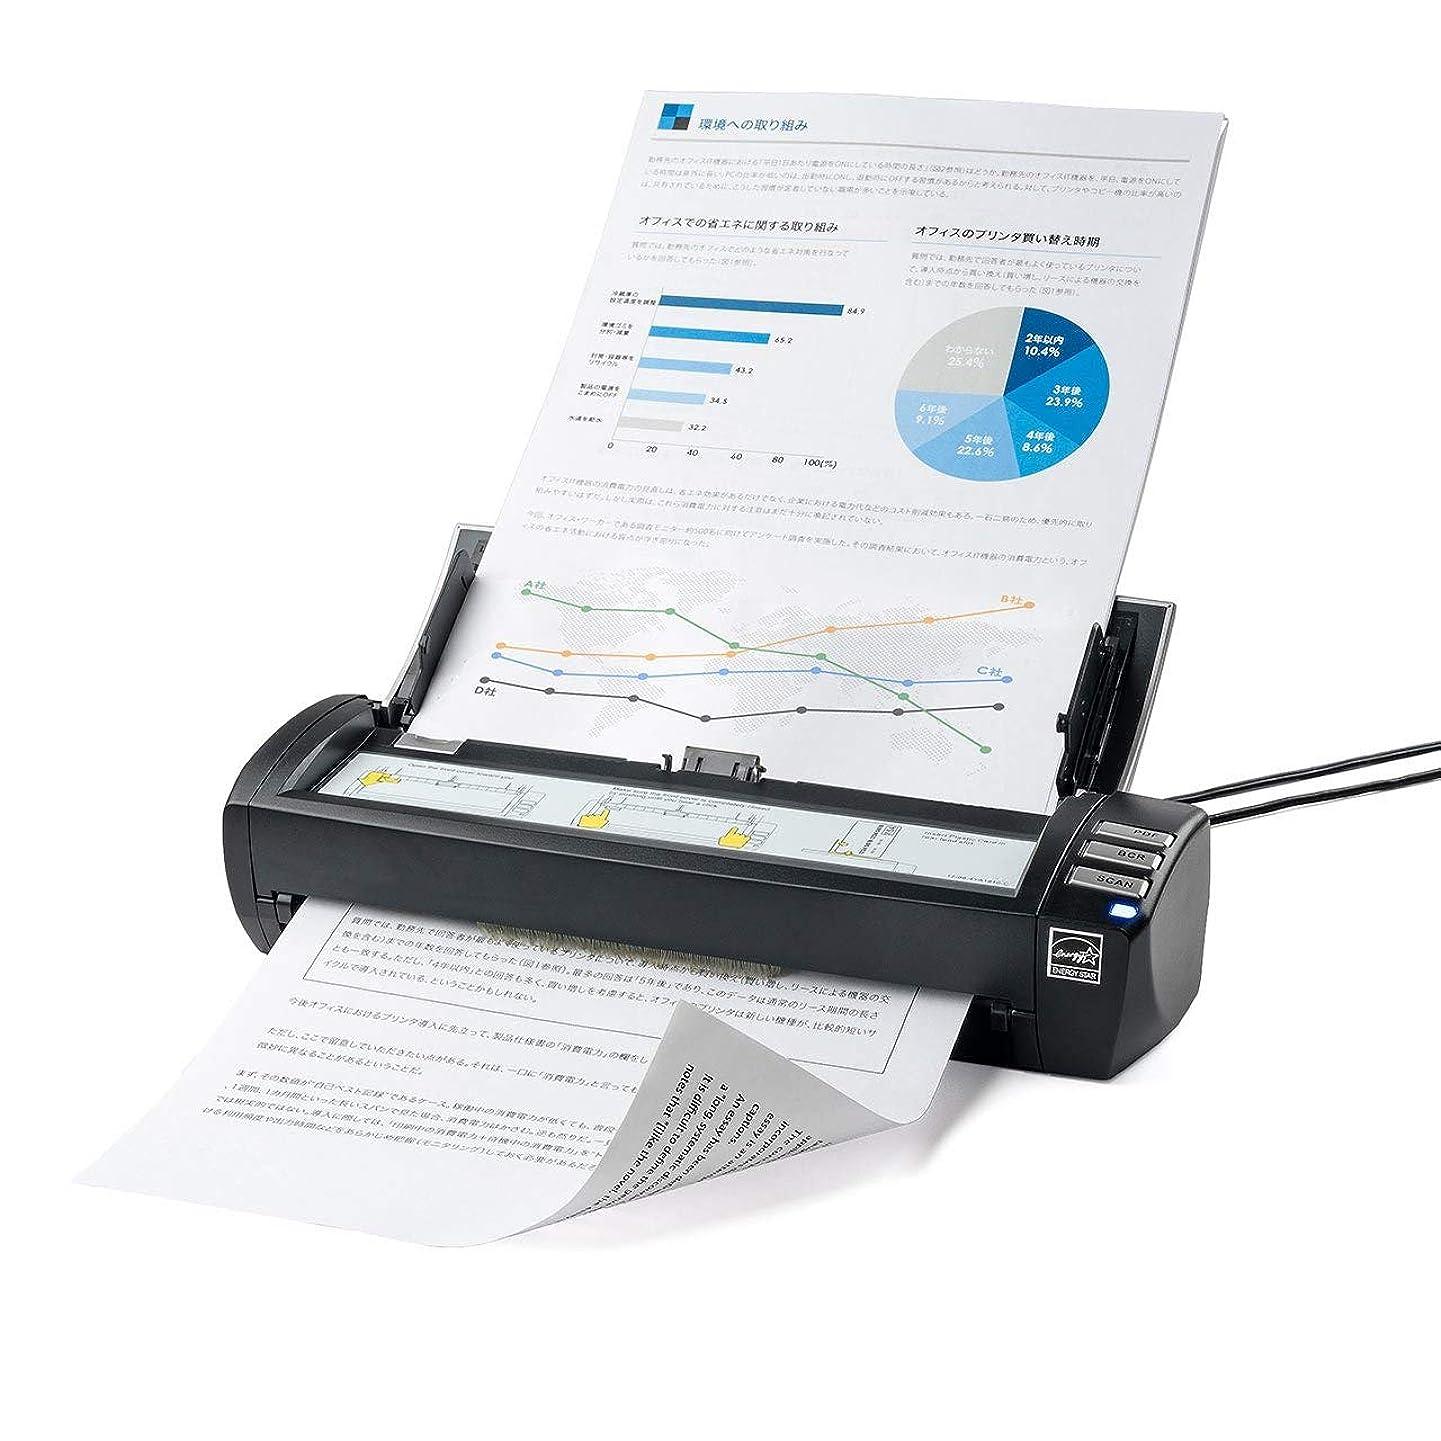 逆発信打撃イーサプライ 両面スキャナー A4/20枚給紙 名刺/6枚給紙 自炊 カード対応 連続スキャン ドキュメントスキャナ EZ4-SCN050